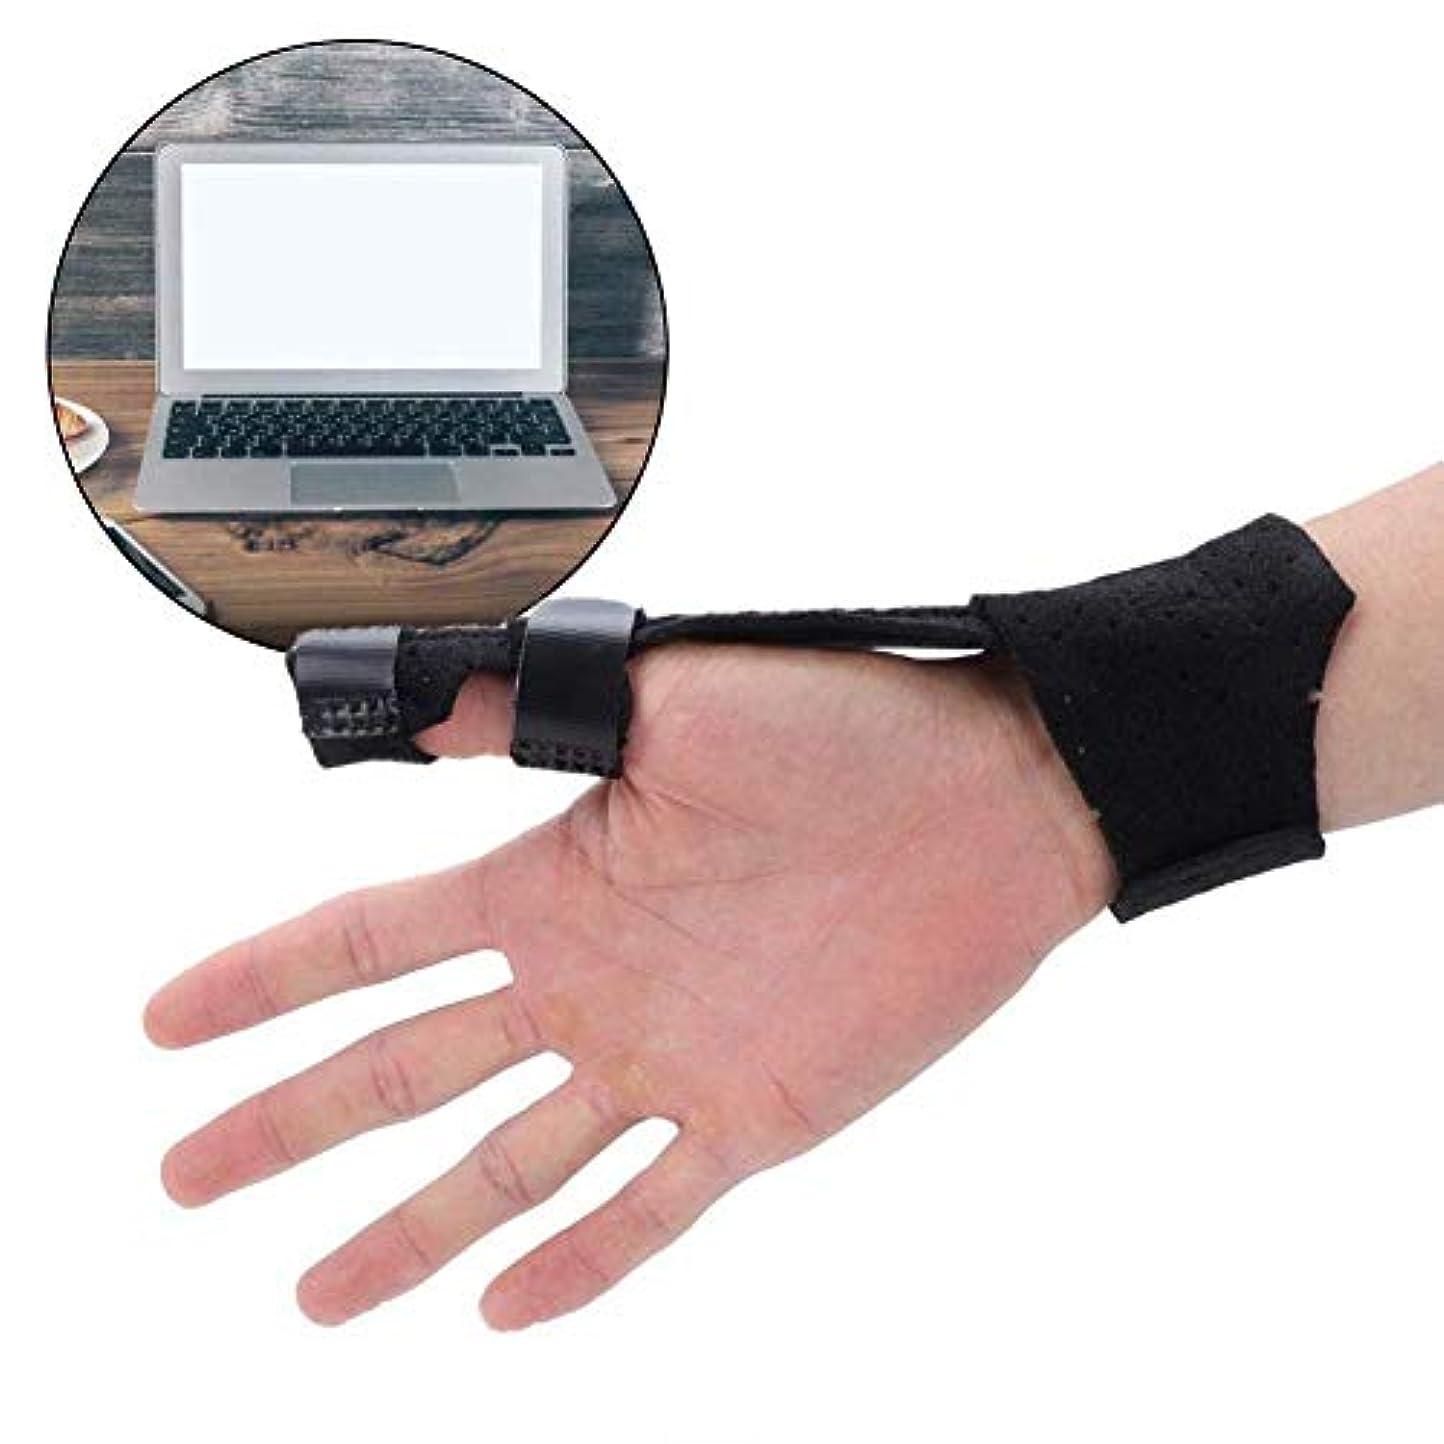 着陸シート保持する指の怪我のサポート、指の保護スプリントプロテクターの親指のサポートは柔らかく快適で、曲げの腫れや痛みを和らげます